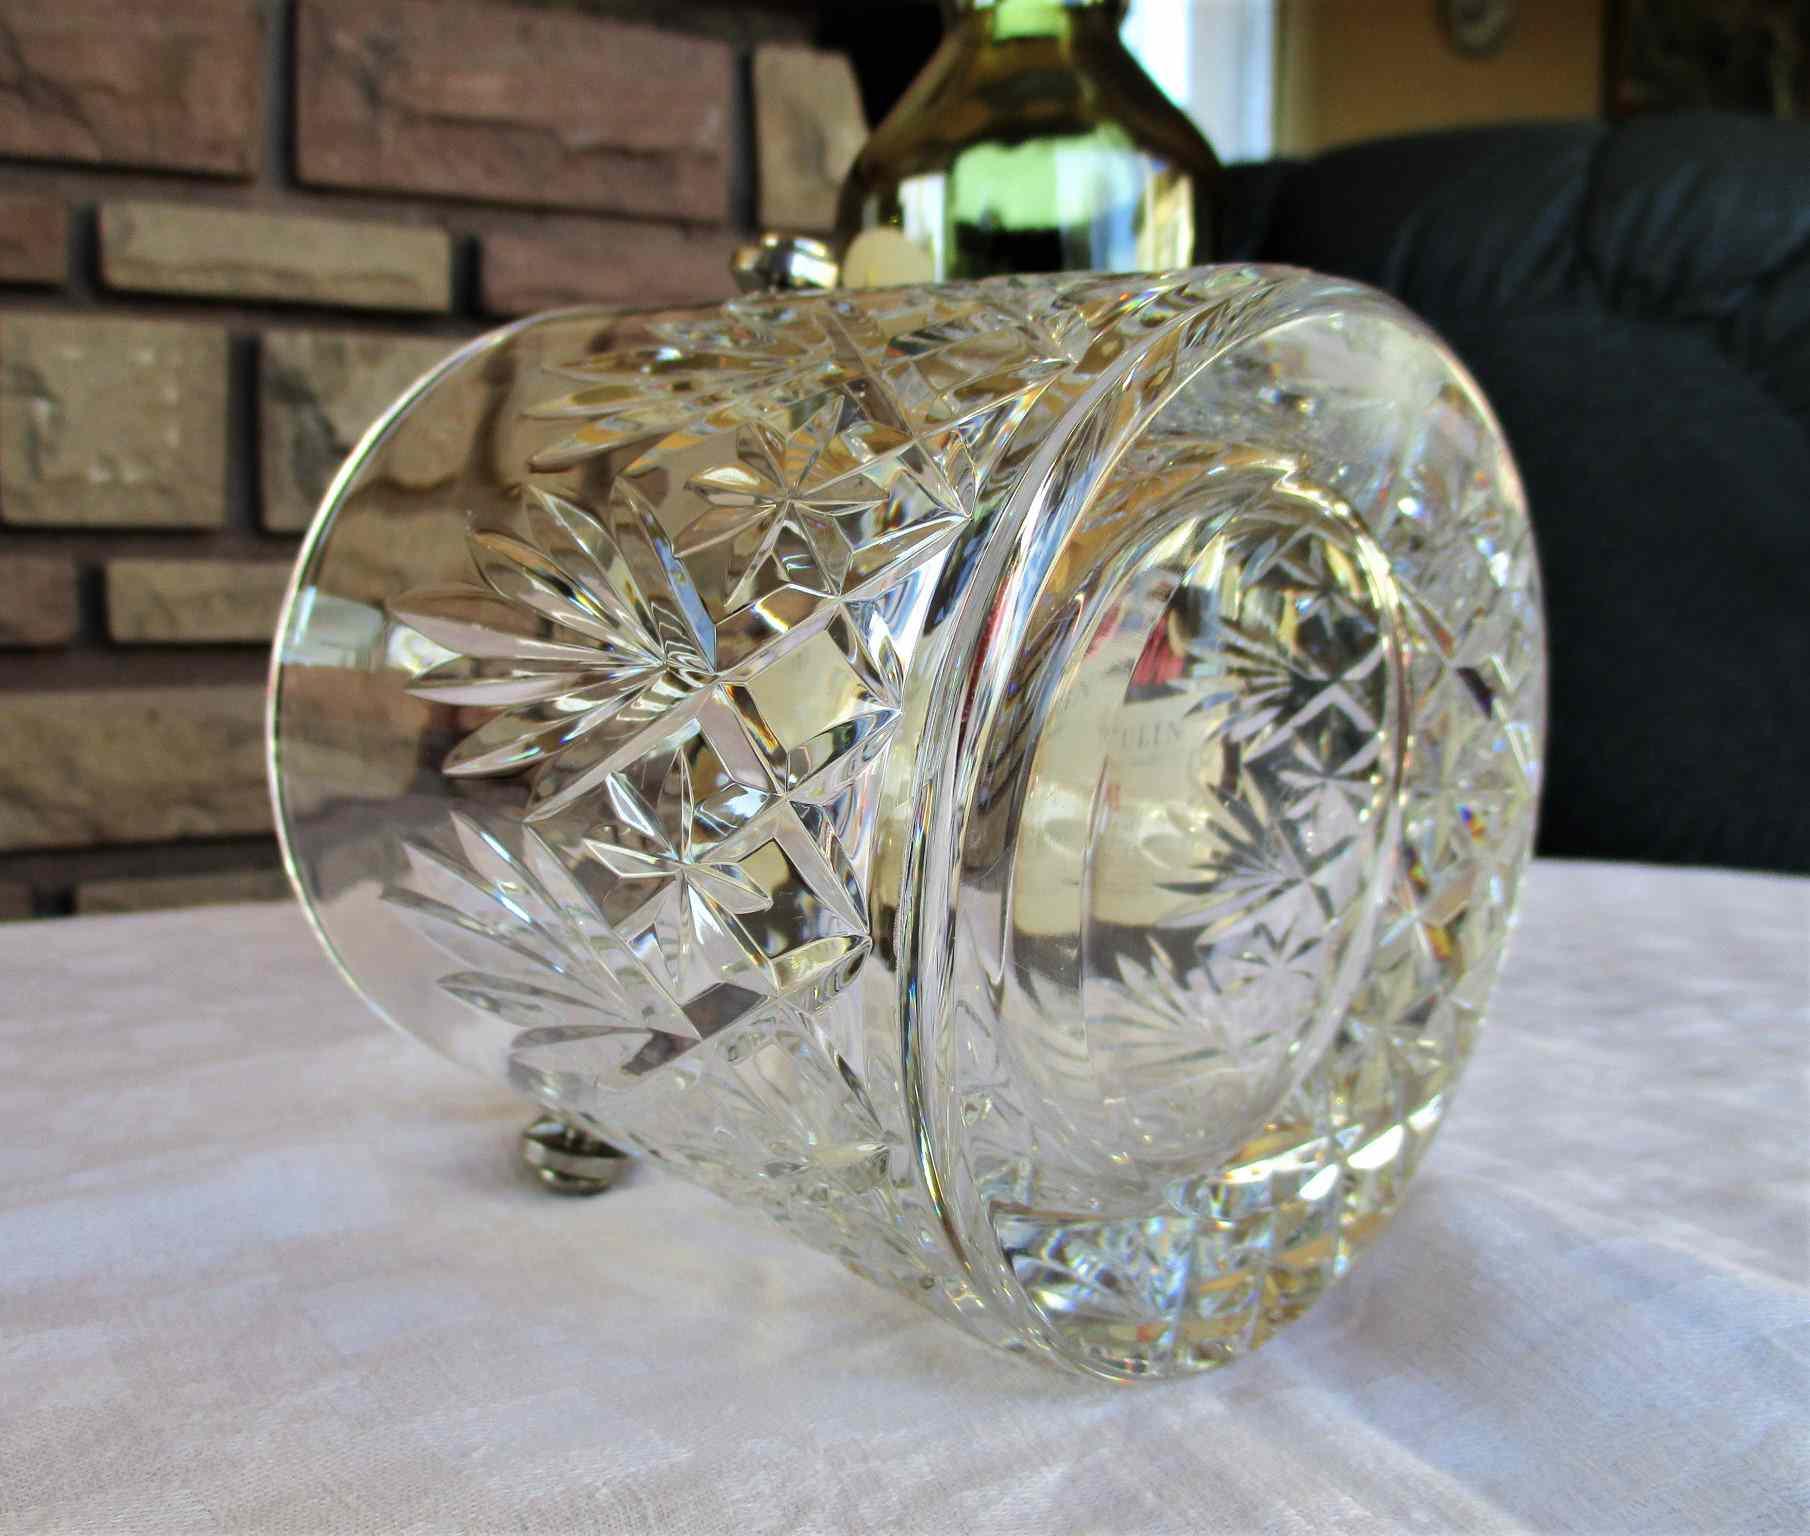 Seau à glace / glaçons Massenet, cristal St Louis